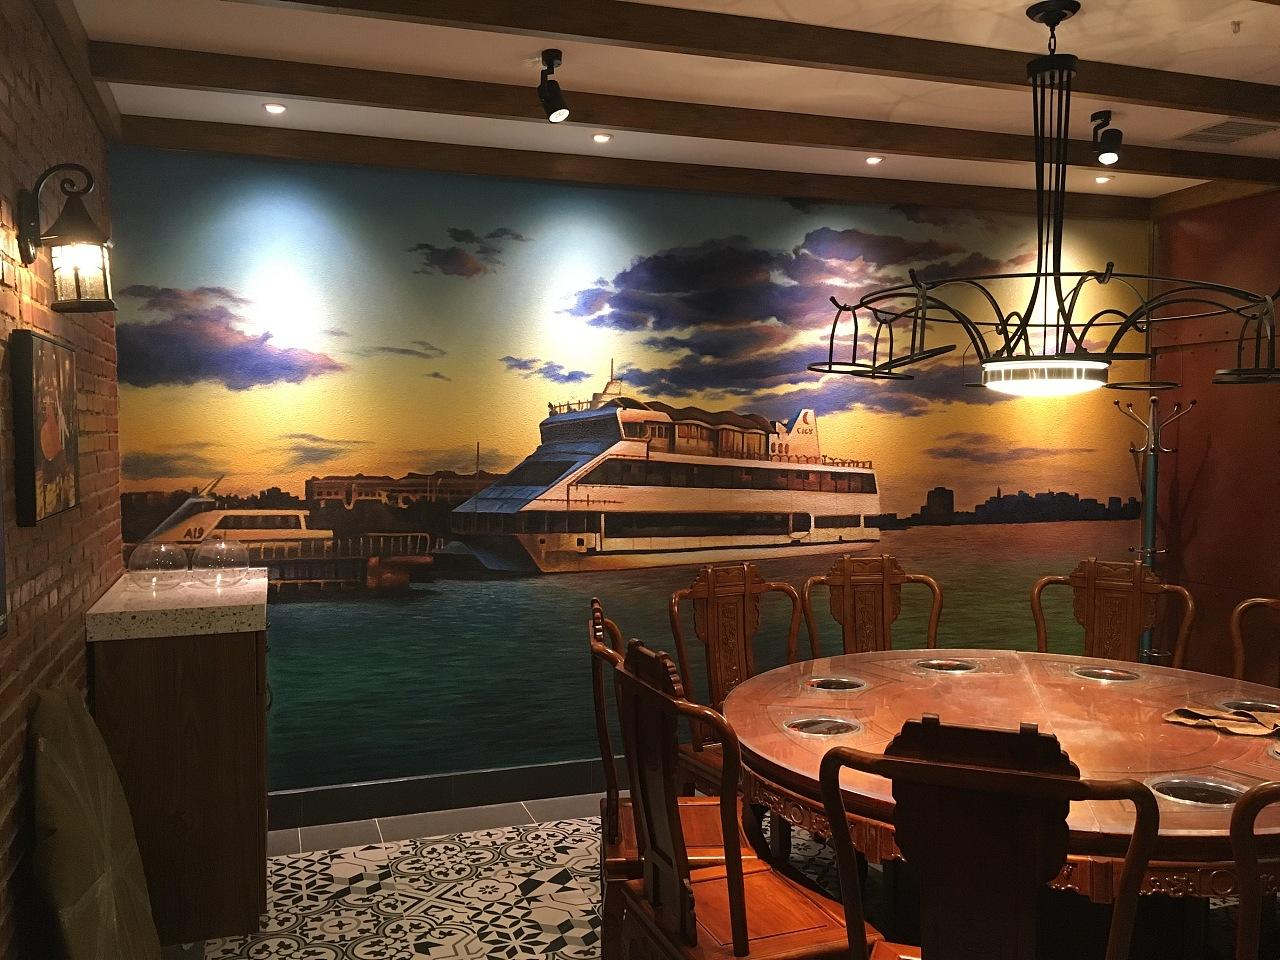 石家庄墙体彩绘--之典墙绘火锅店彩绘案例